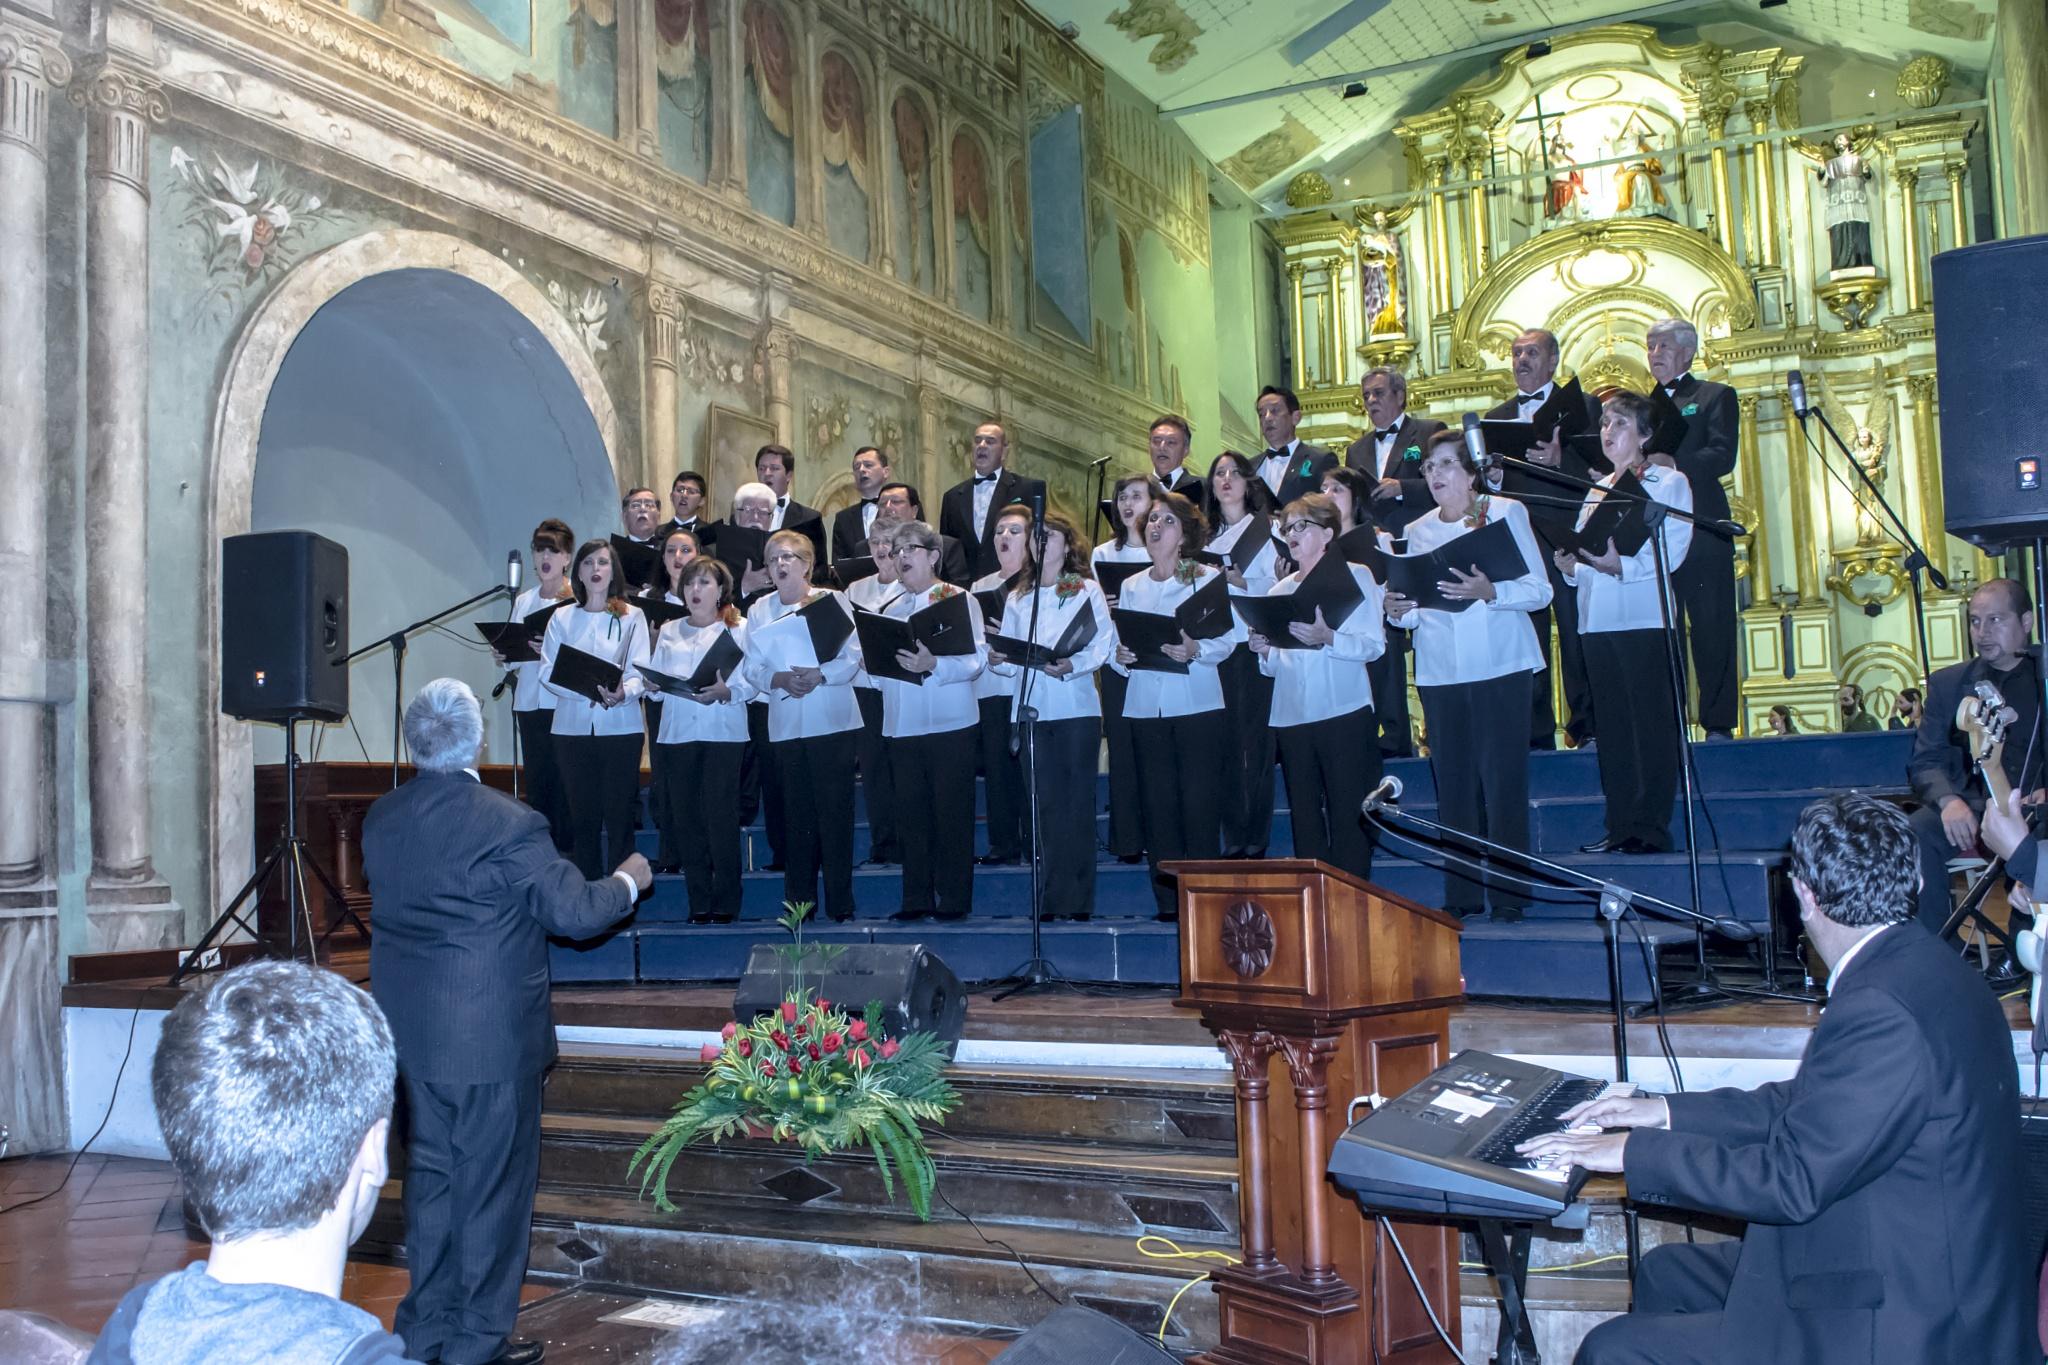 Coro Navideño Municipal Cuenca by Juan Matute